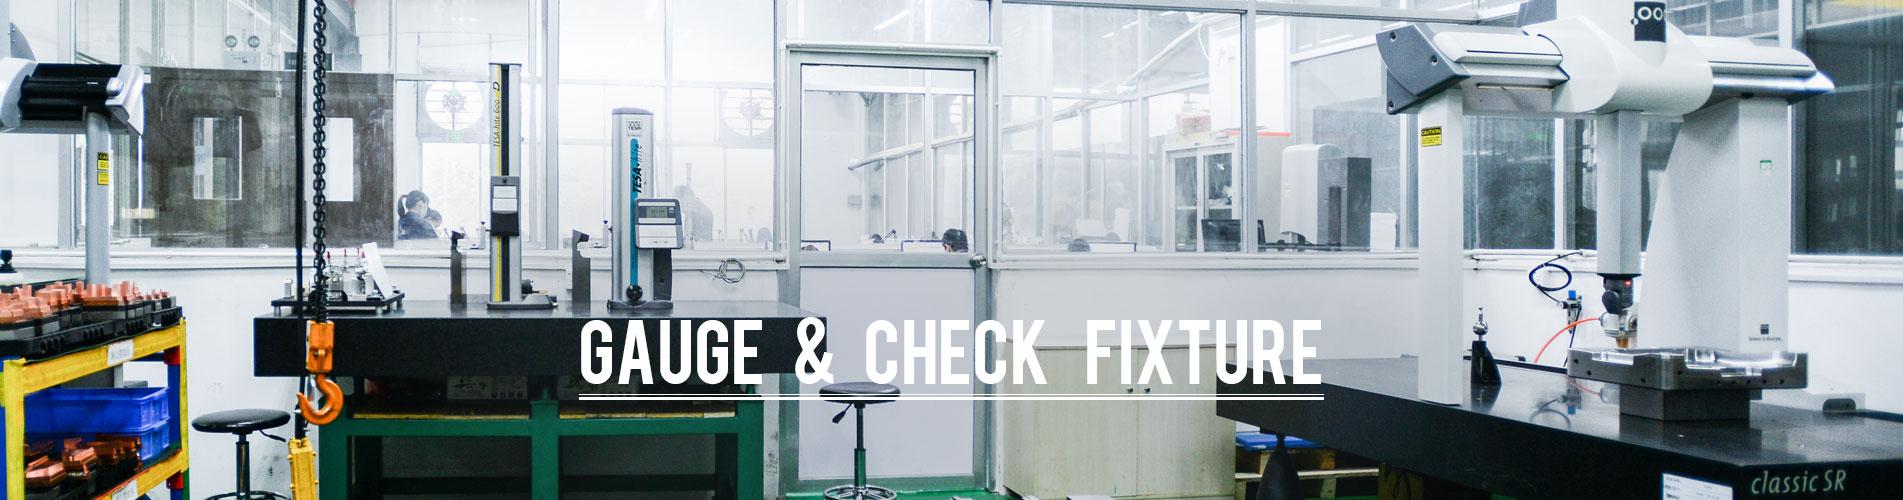 gauge check fixture banner